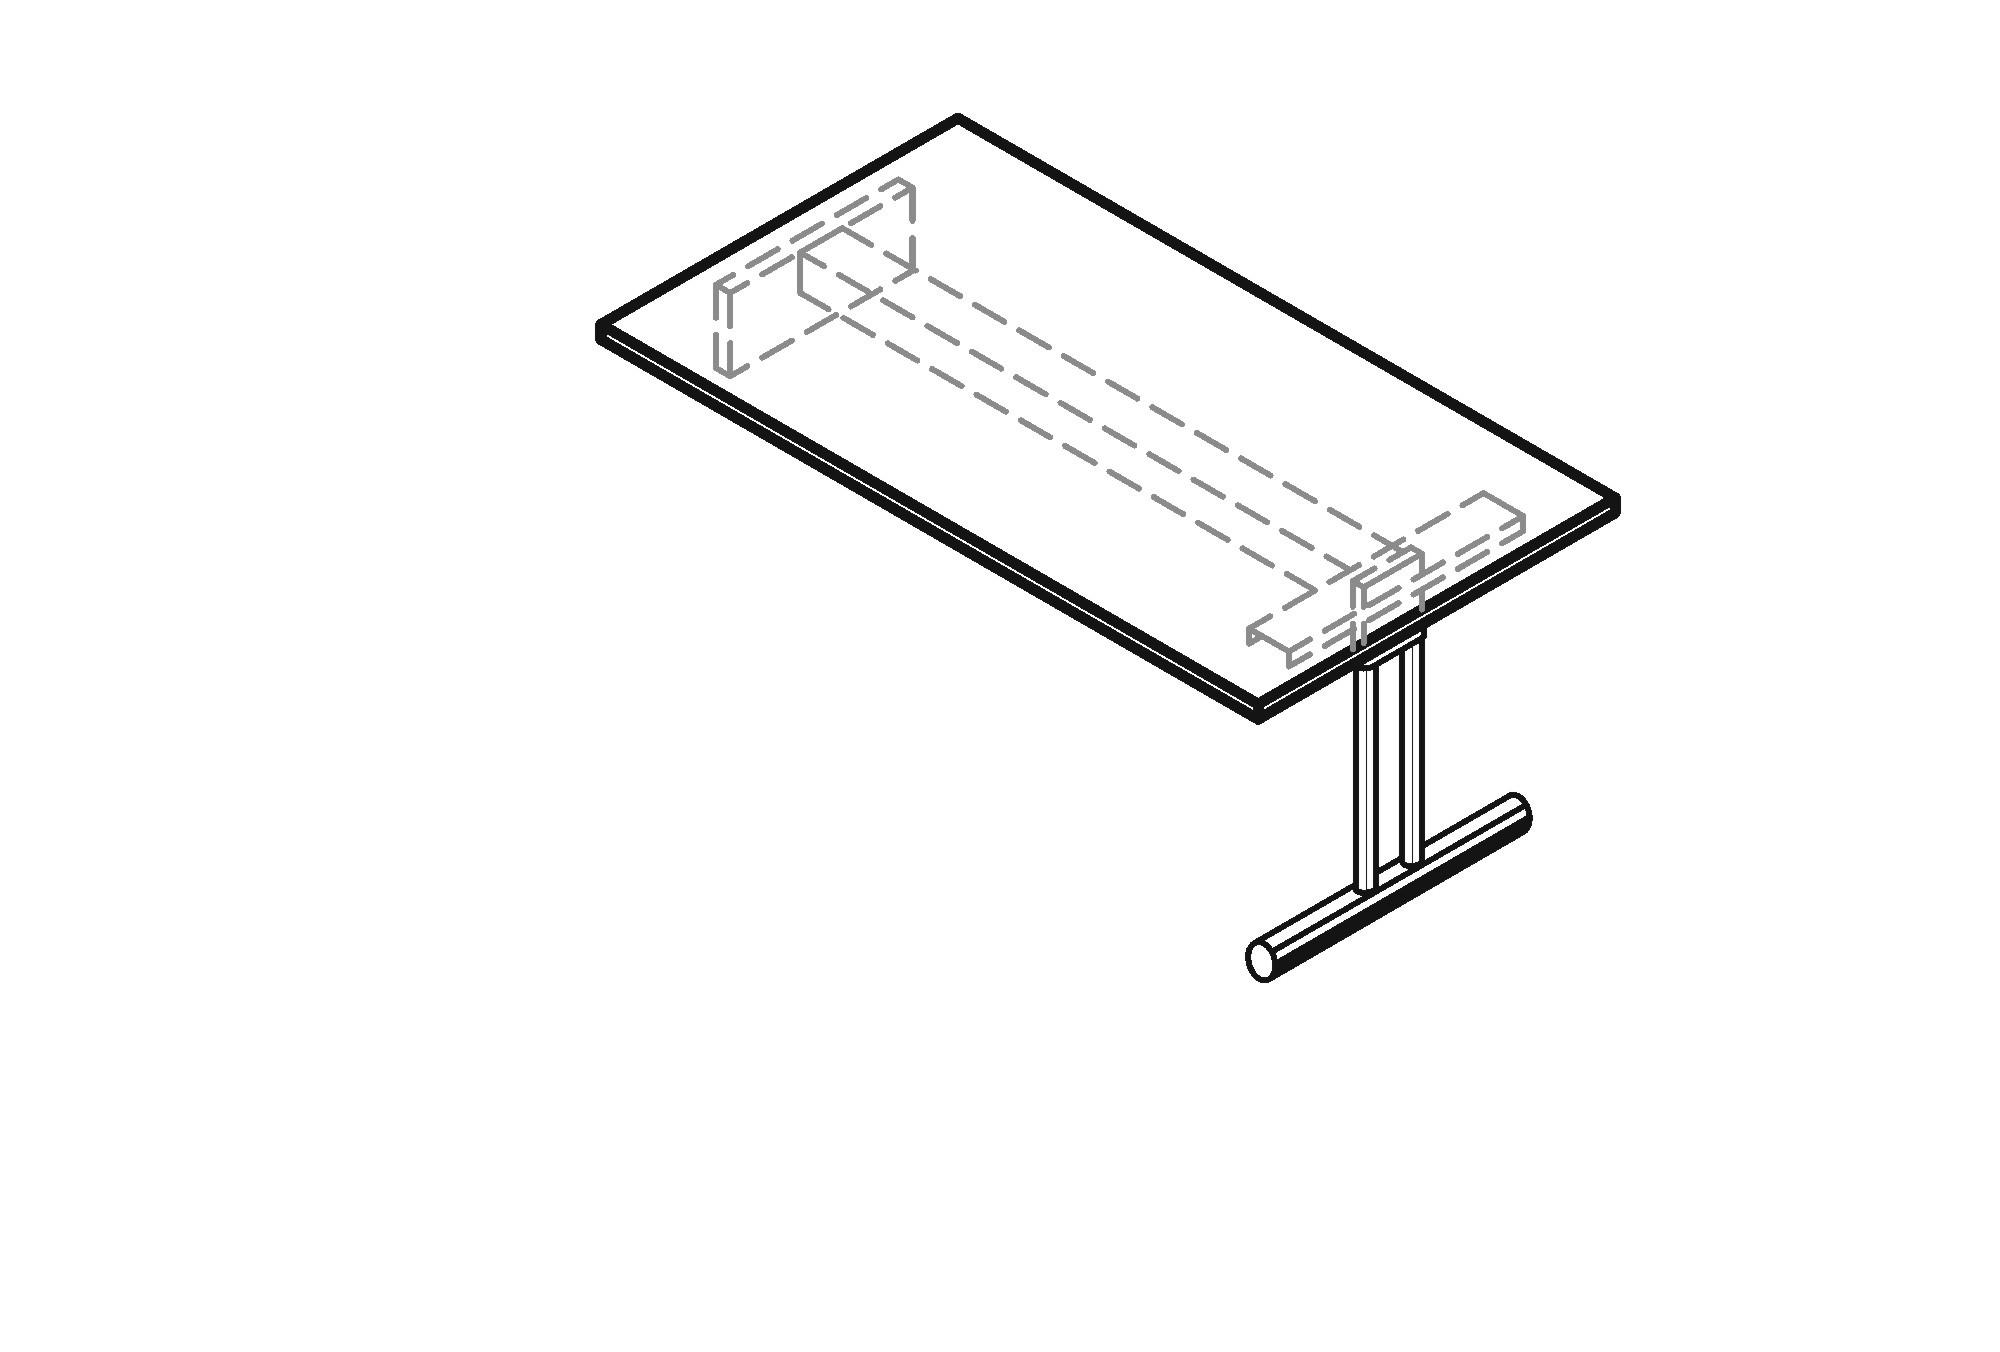 Schreibtisch zur auflage n art office shop for Sideboard zeichnung